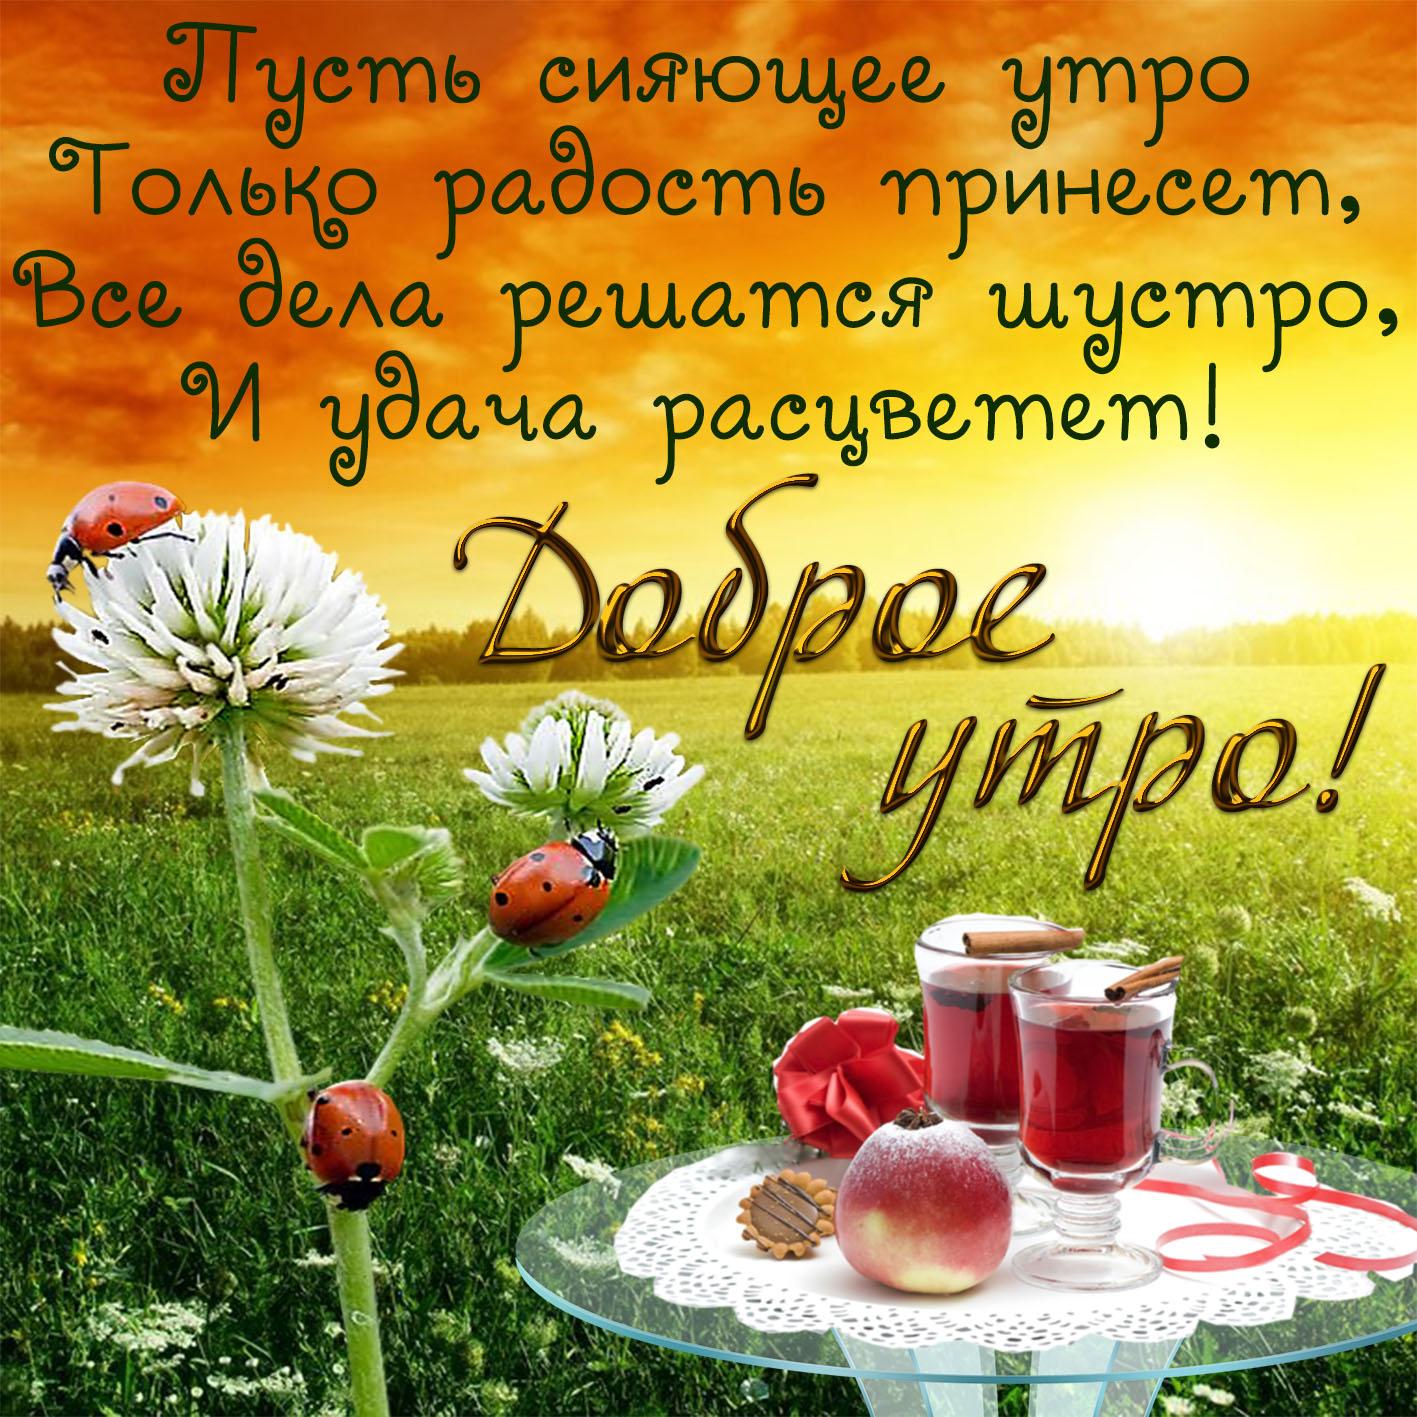 Картинки с цветами с добрым утром хорошего дня пожелания